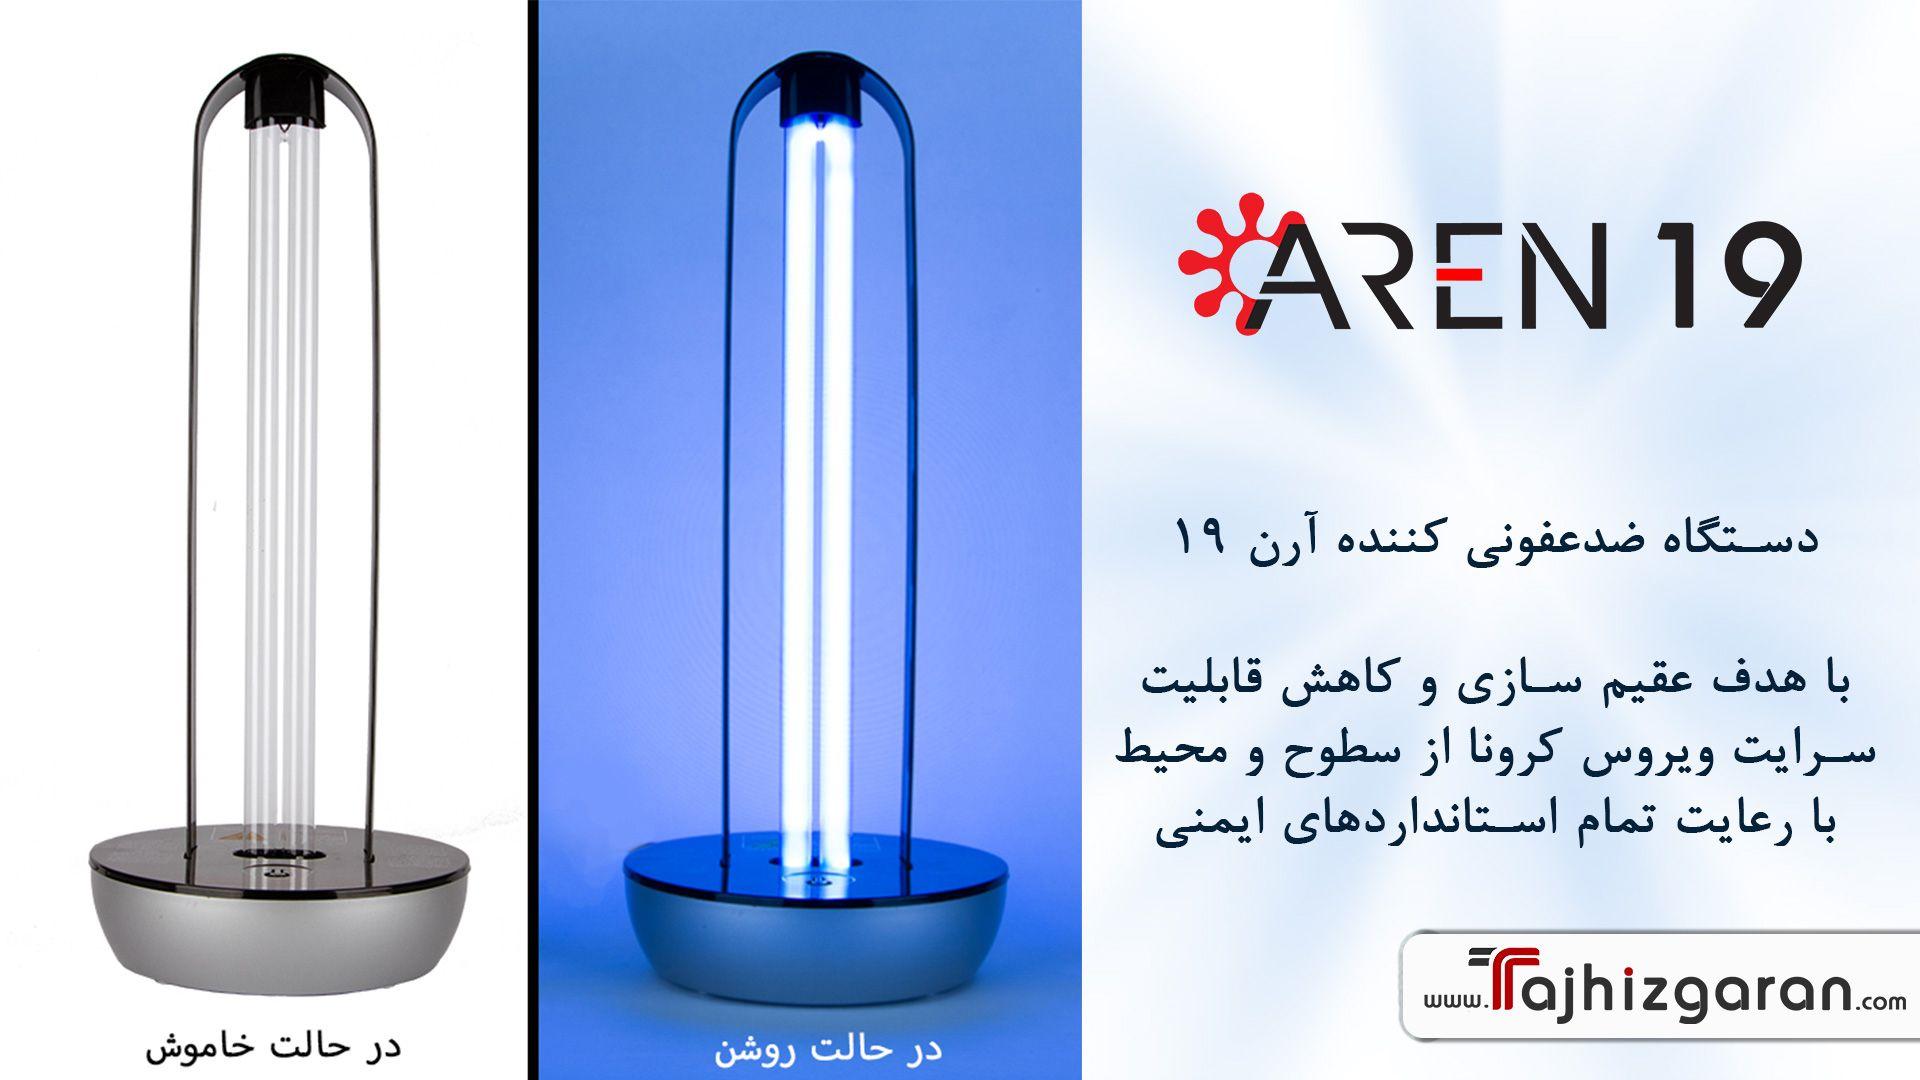 دستگاه ضدعفونی کننده هوای خانه Aren19